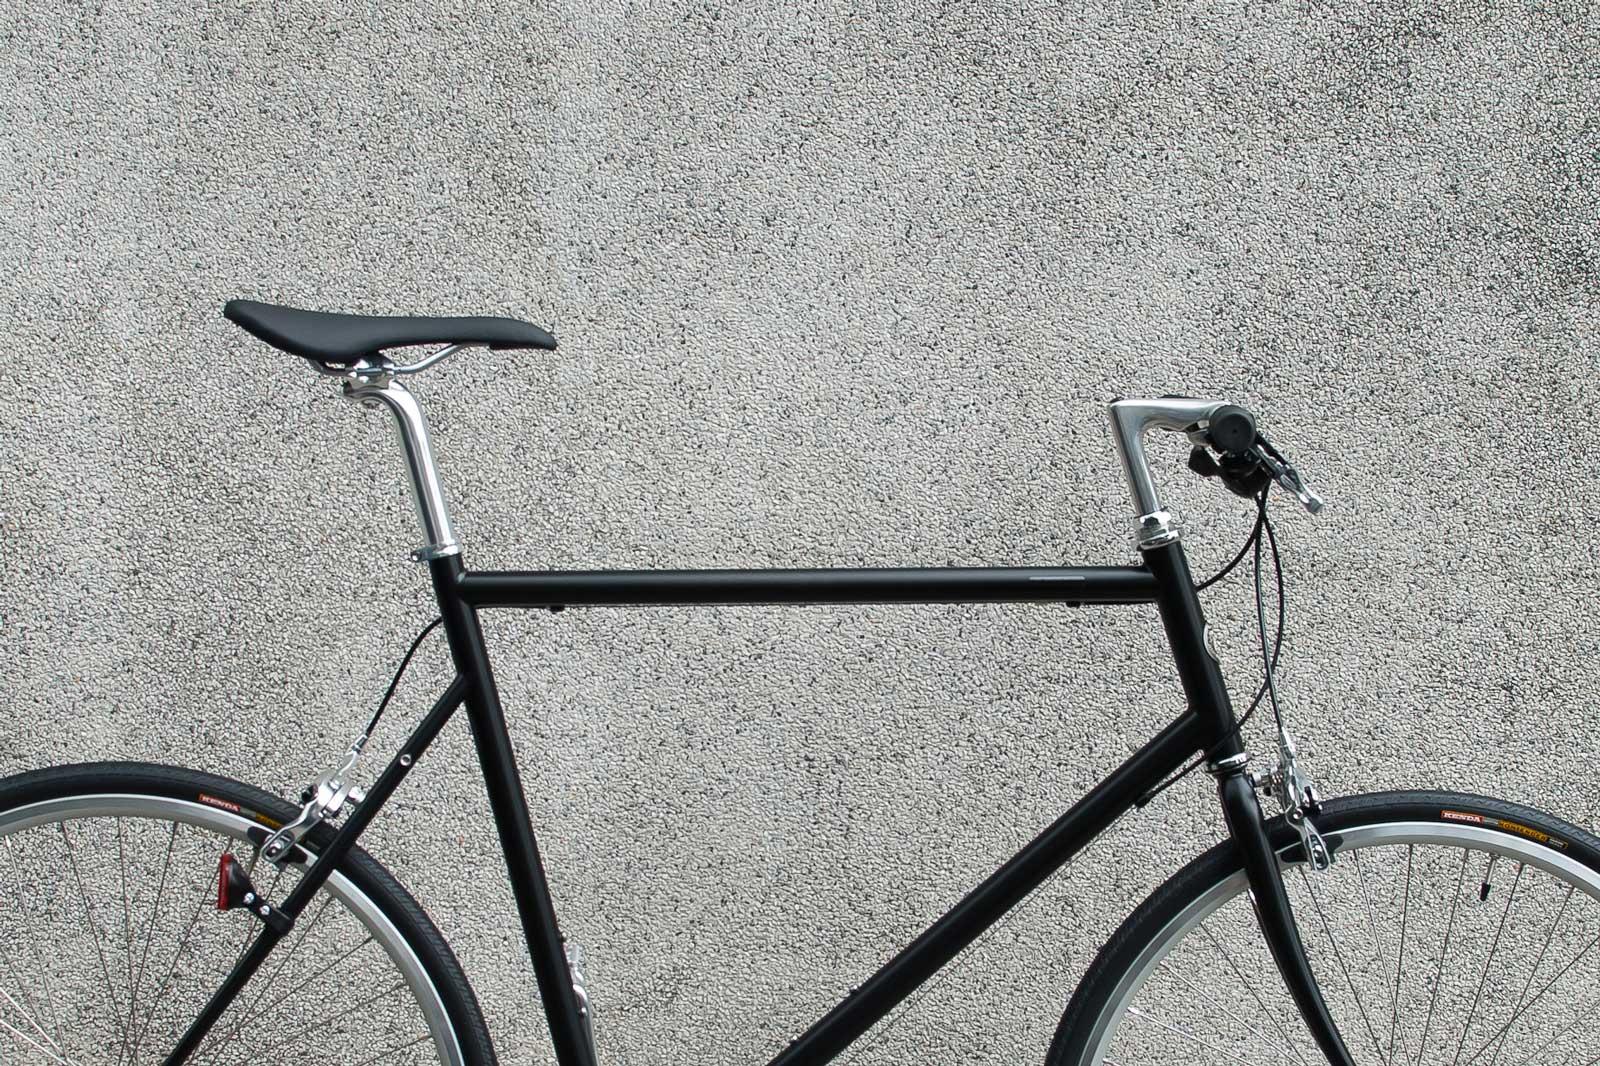 จักรยานทรงสปอร์ต คานตรง สีพิเศษดำด้าน รุ่น CS sport matt black - tokyobike